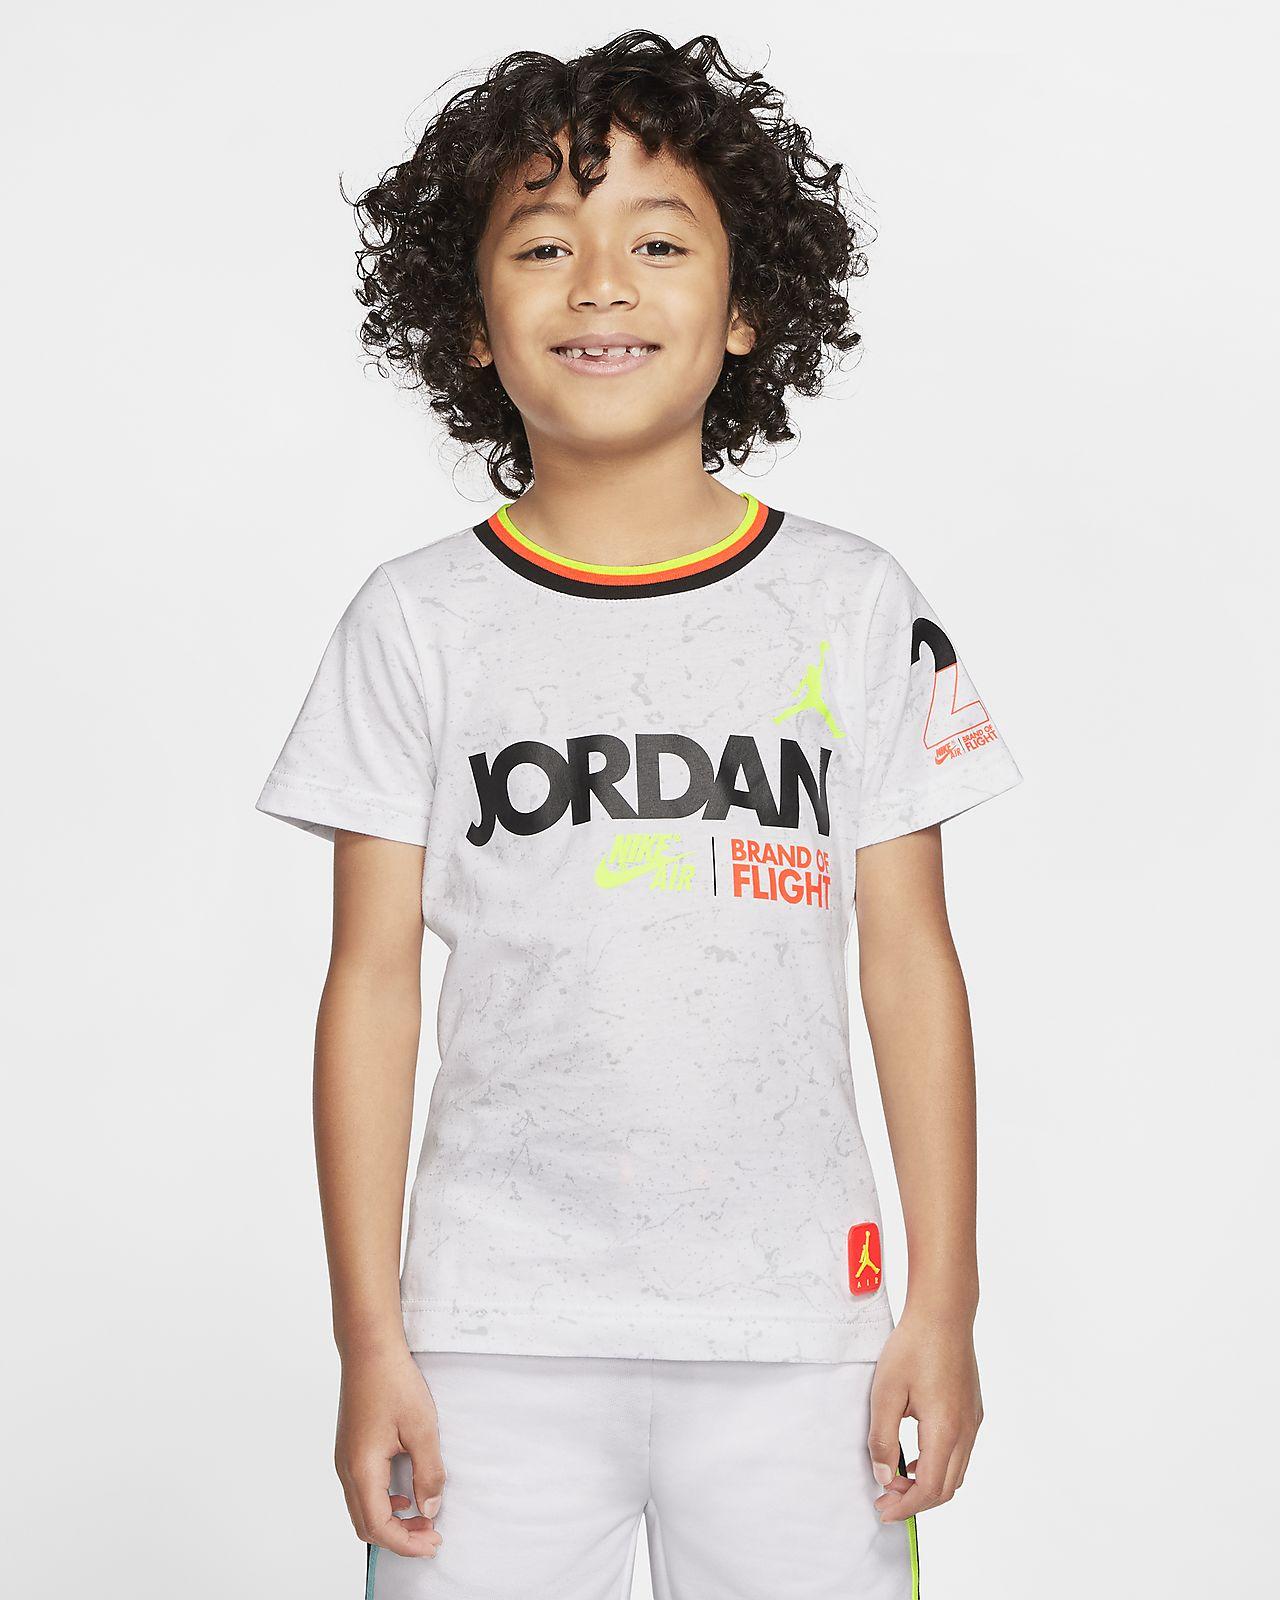 Jordan Samarreta - Nen/a petit/a